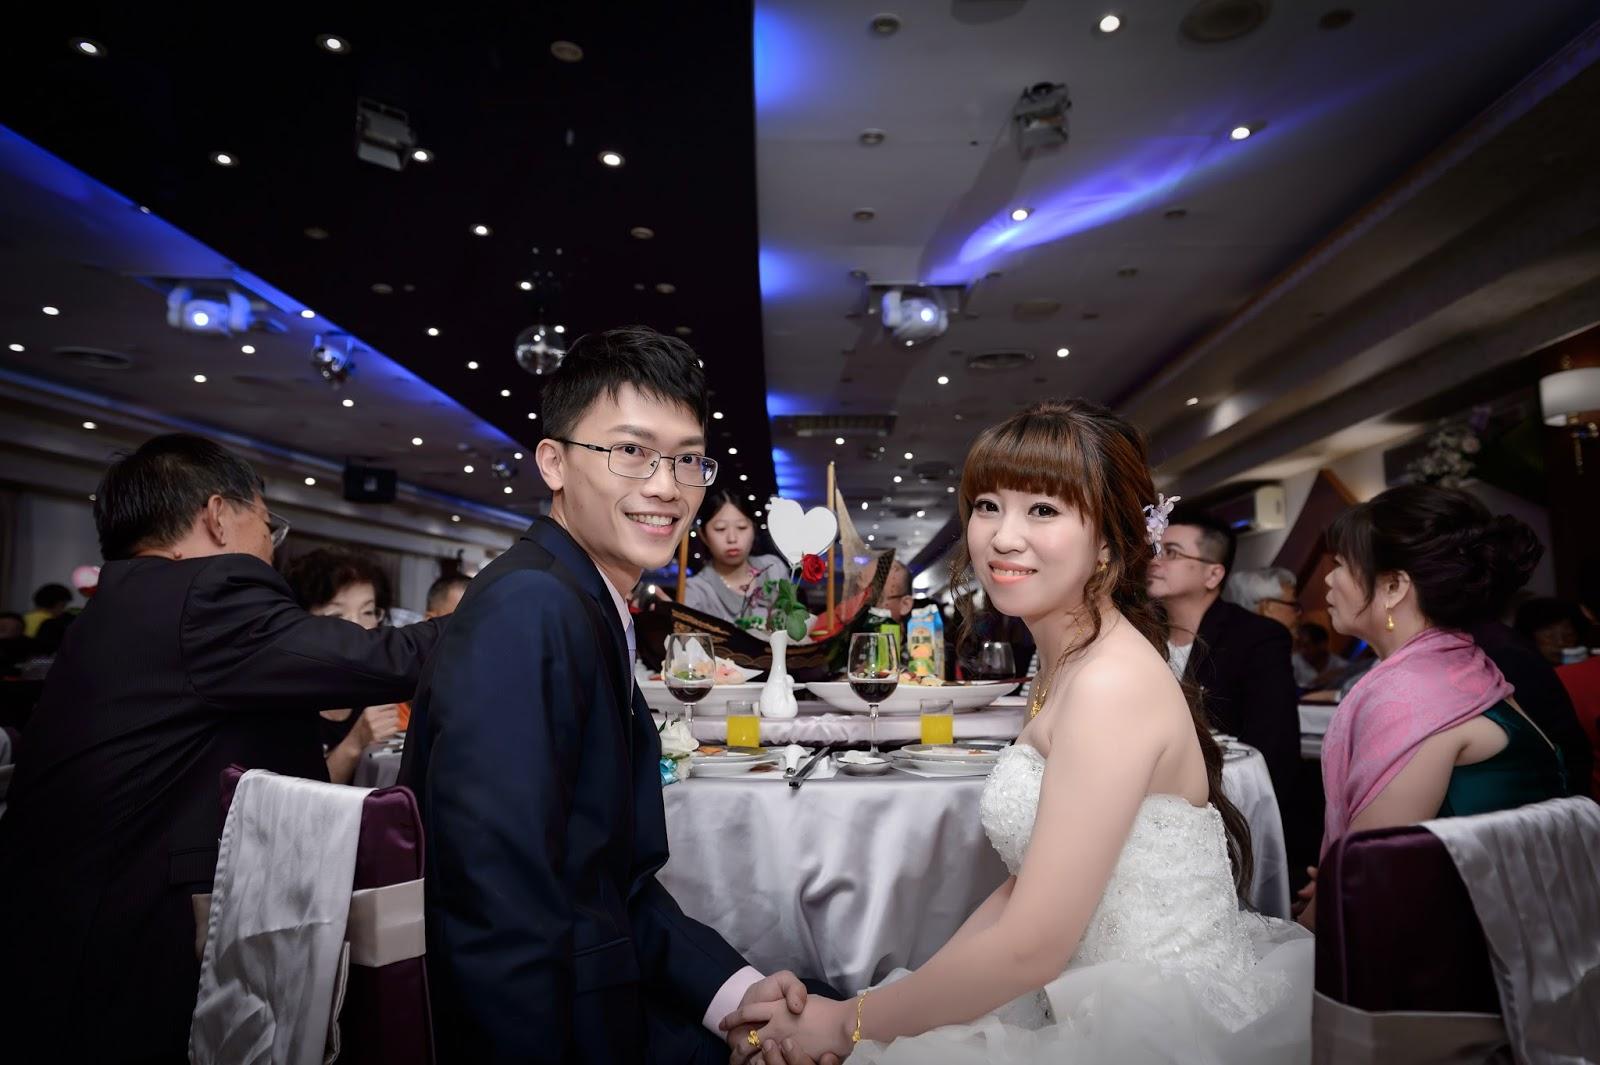 富山日本料理@彰化婚攝。建銘&詩敏,婚禮紀錄